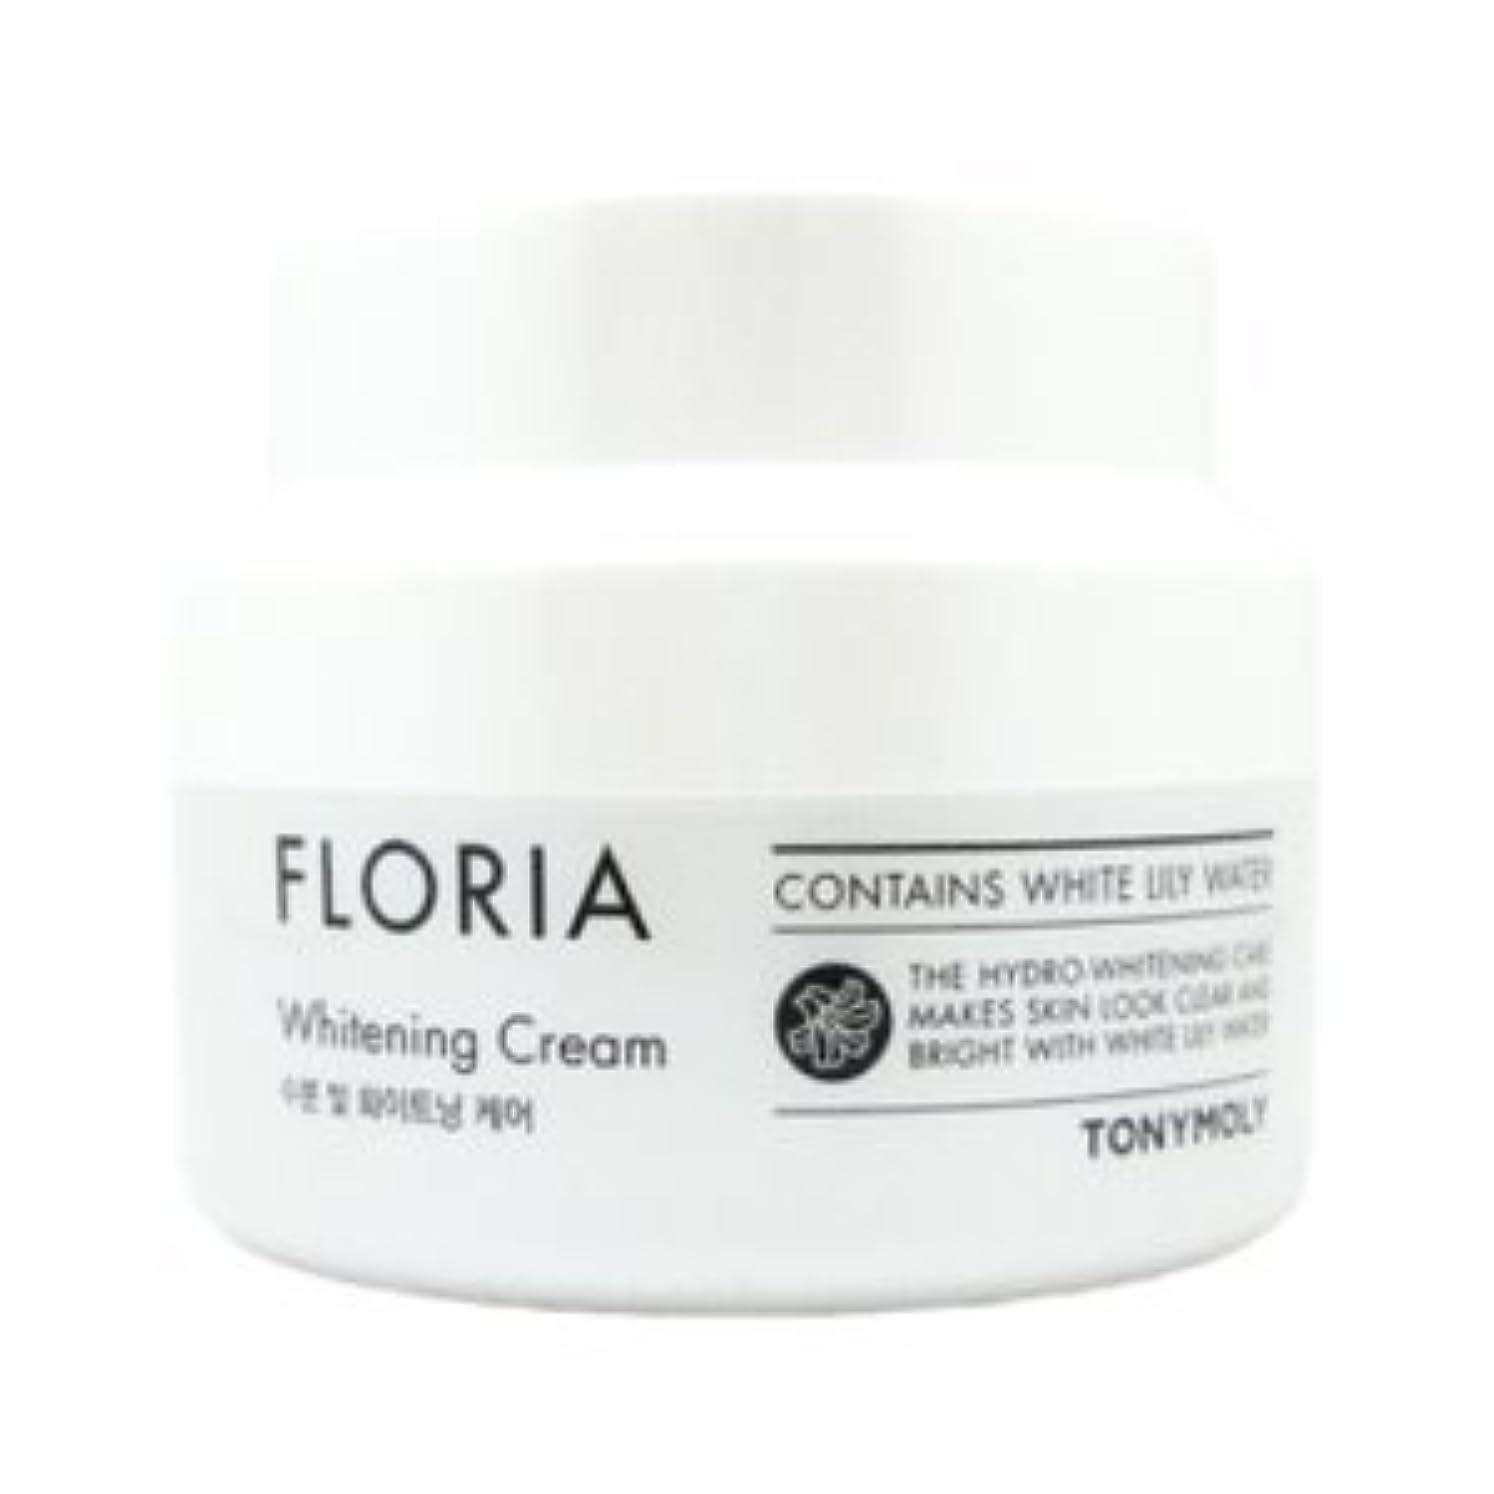 古代息子太鼓腹TONYMOLY Floria Whitening Cream 60ml/トニーモリー フロリア ホワイトニング クリーム 60ml [並行輸入品]